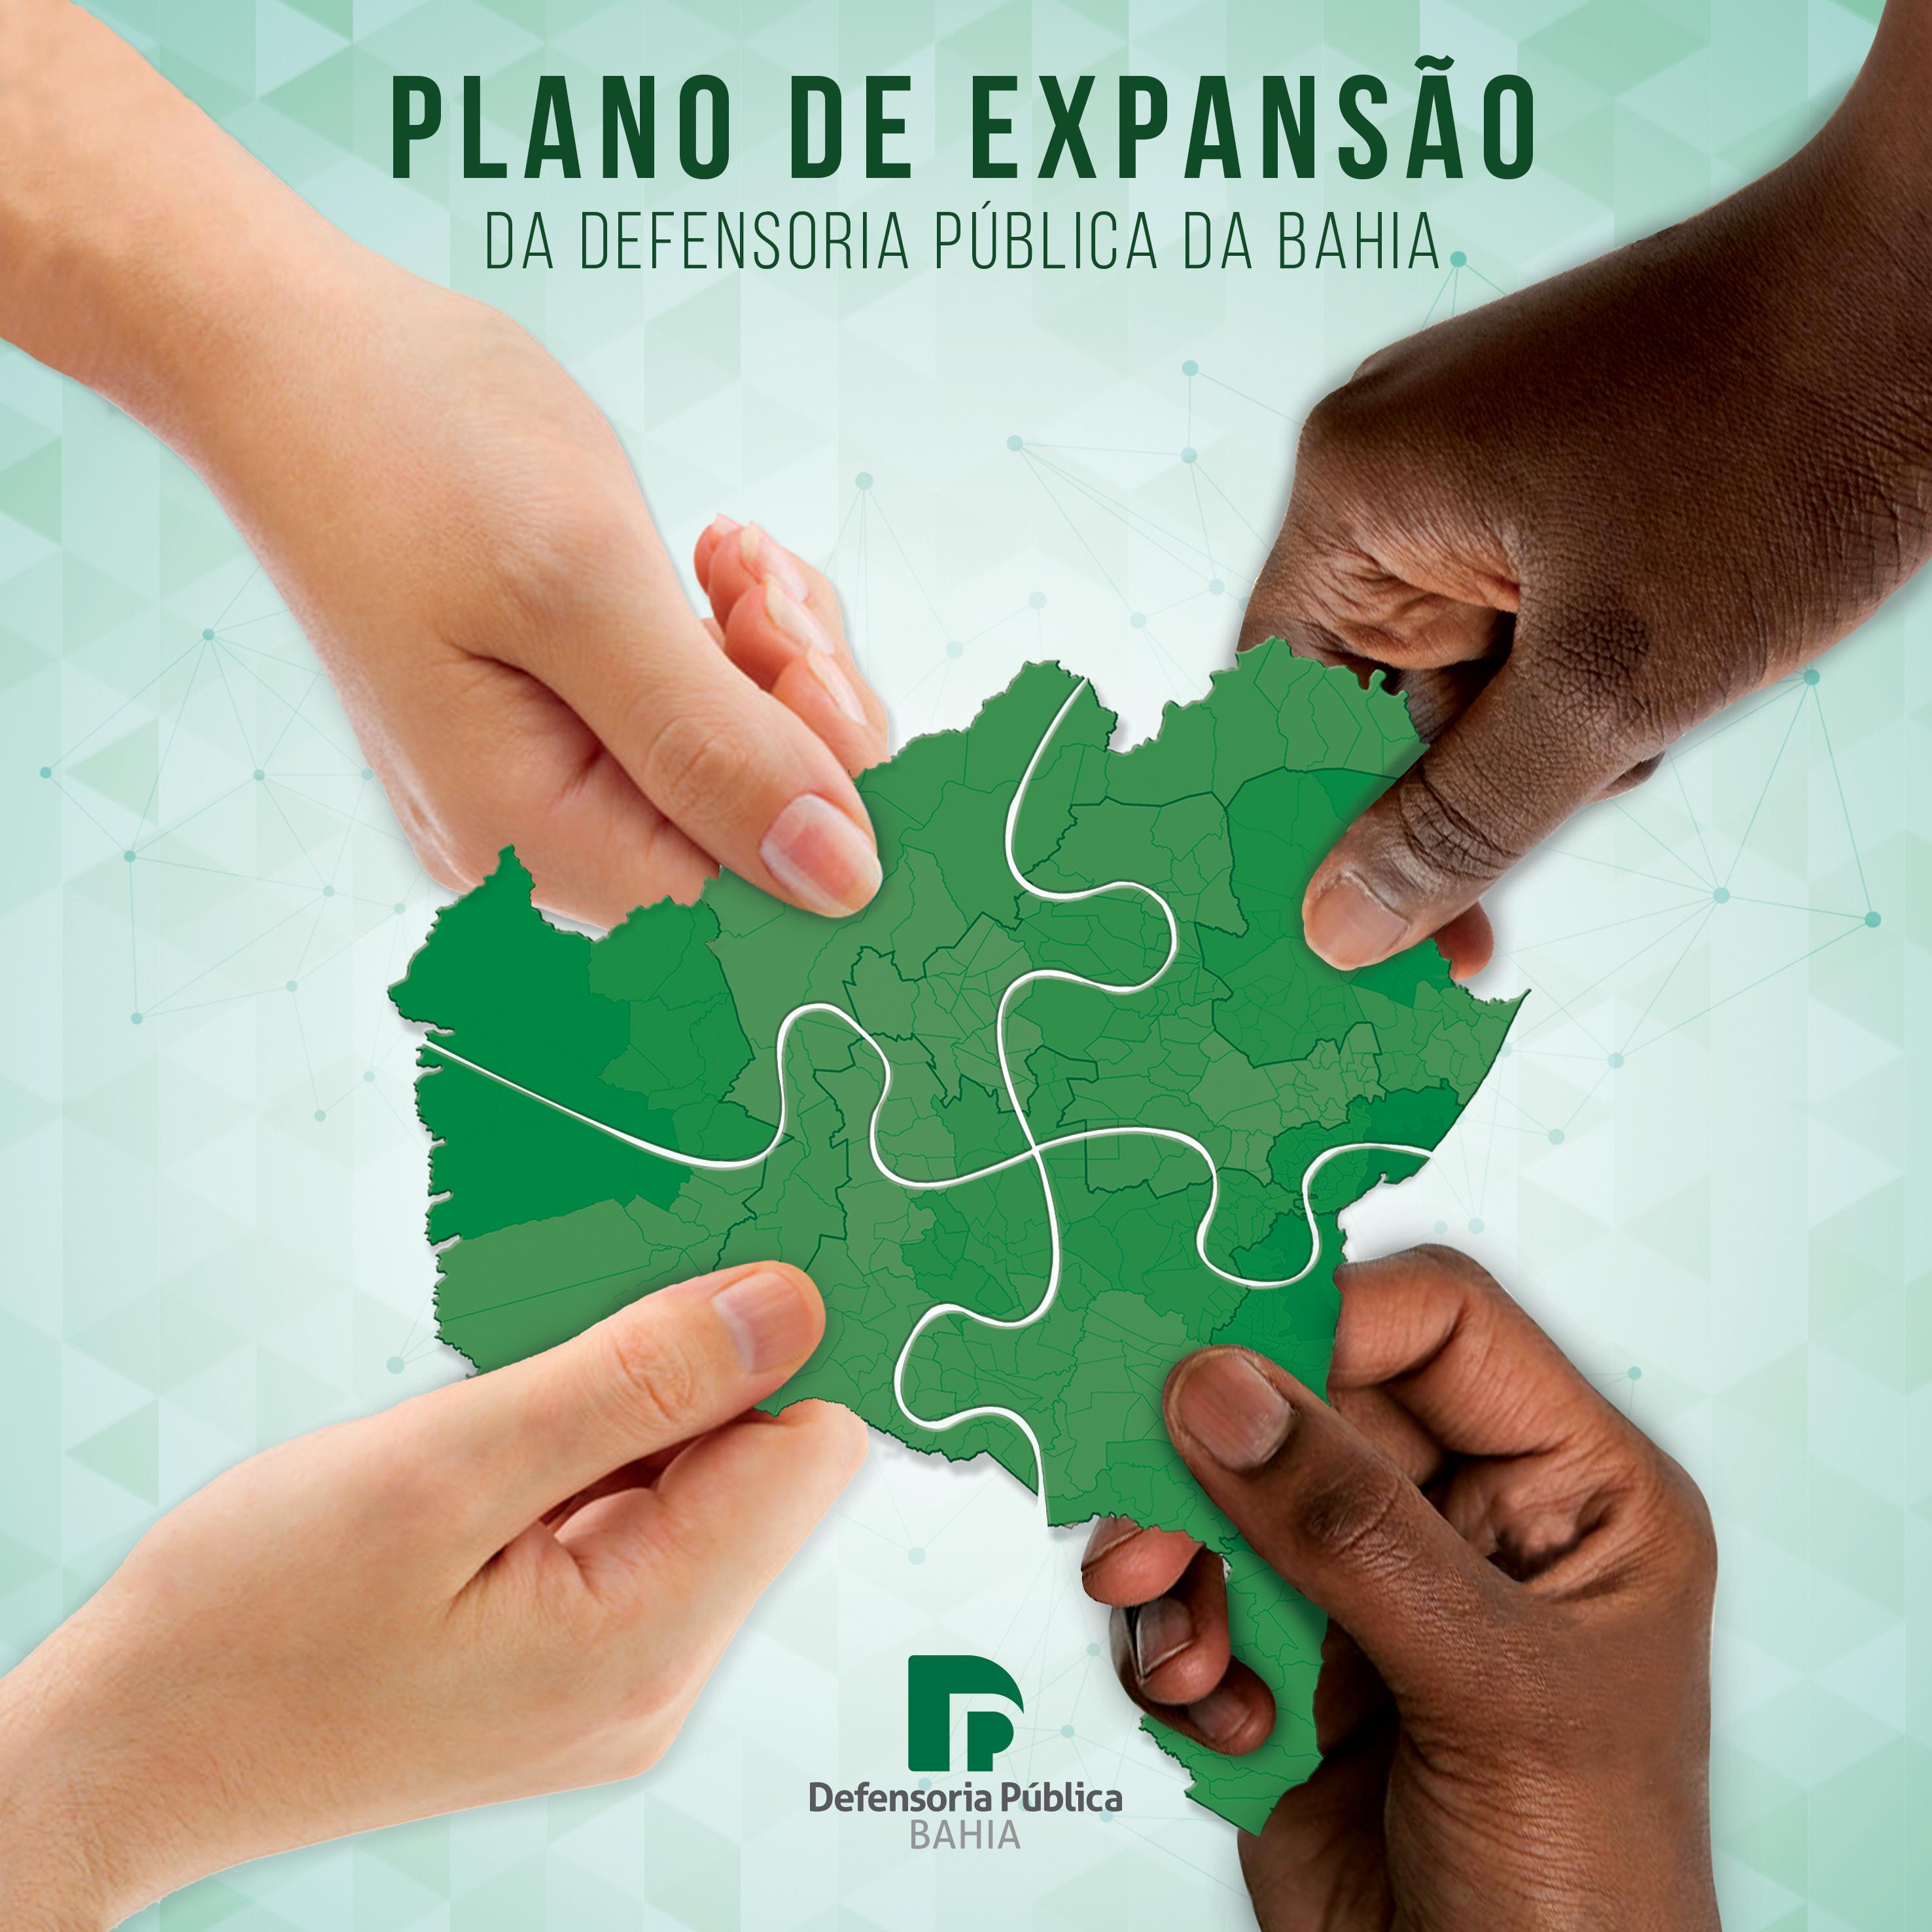 Plano de Expansão da Defensoria Pública da Bahia